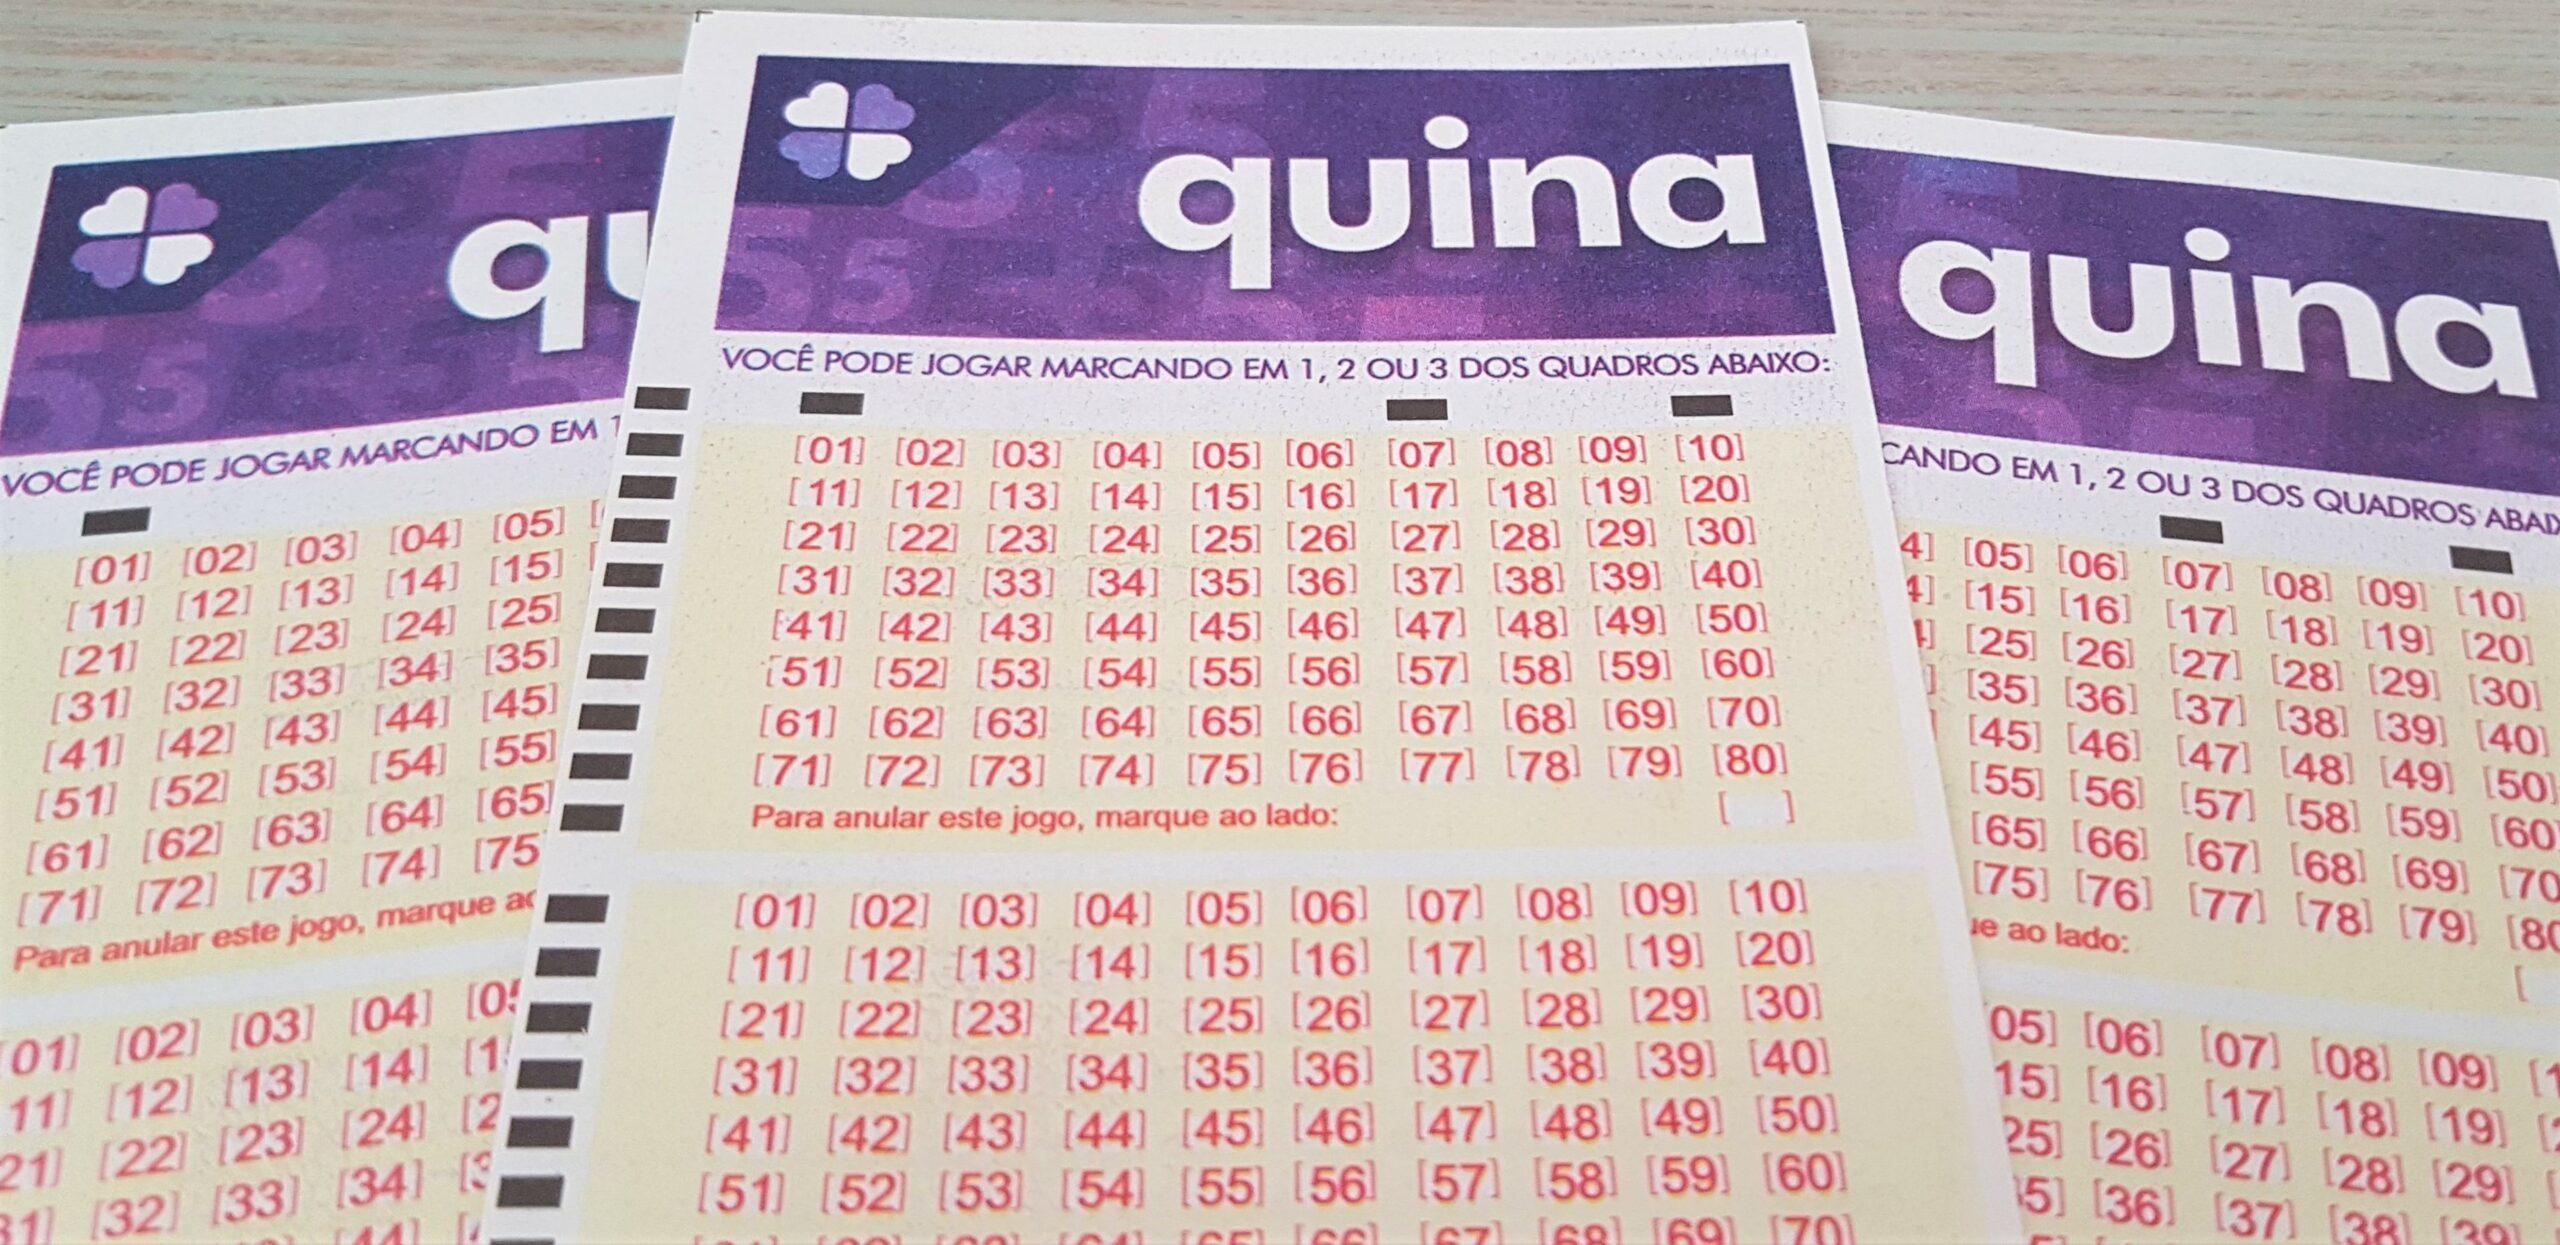 quina 5441 - A imagem mostra três volantes da Quina